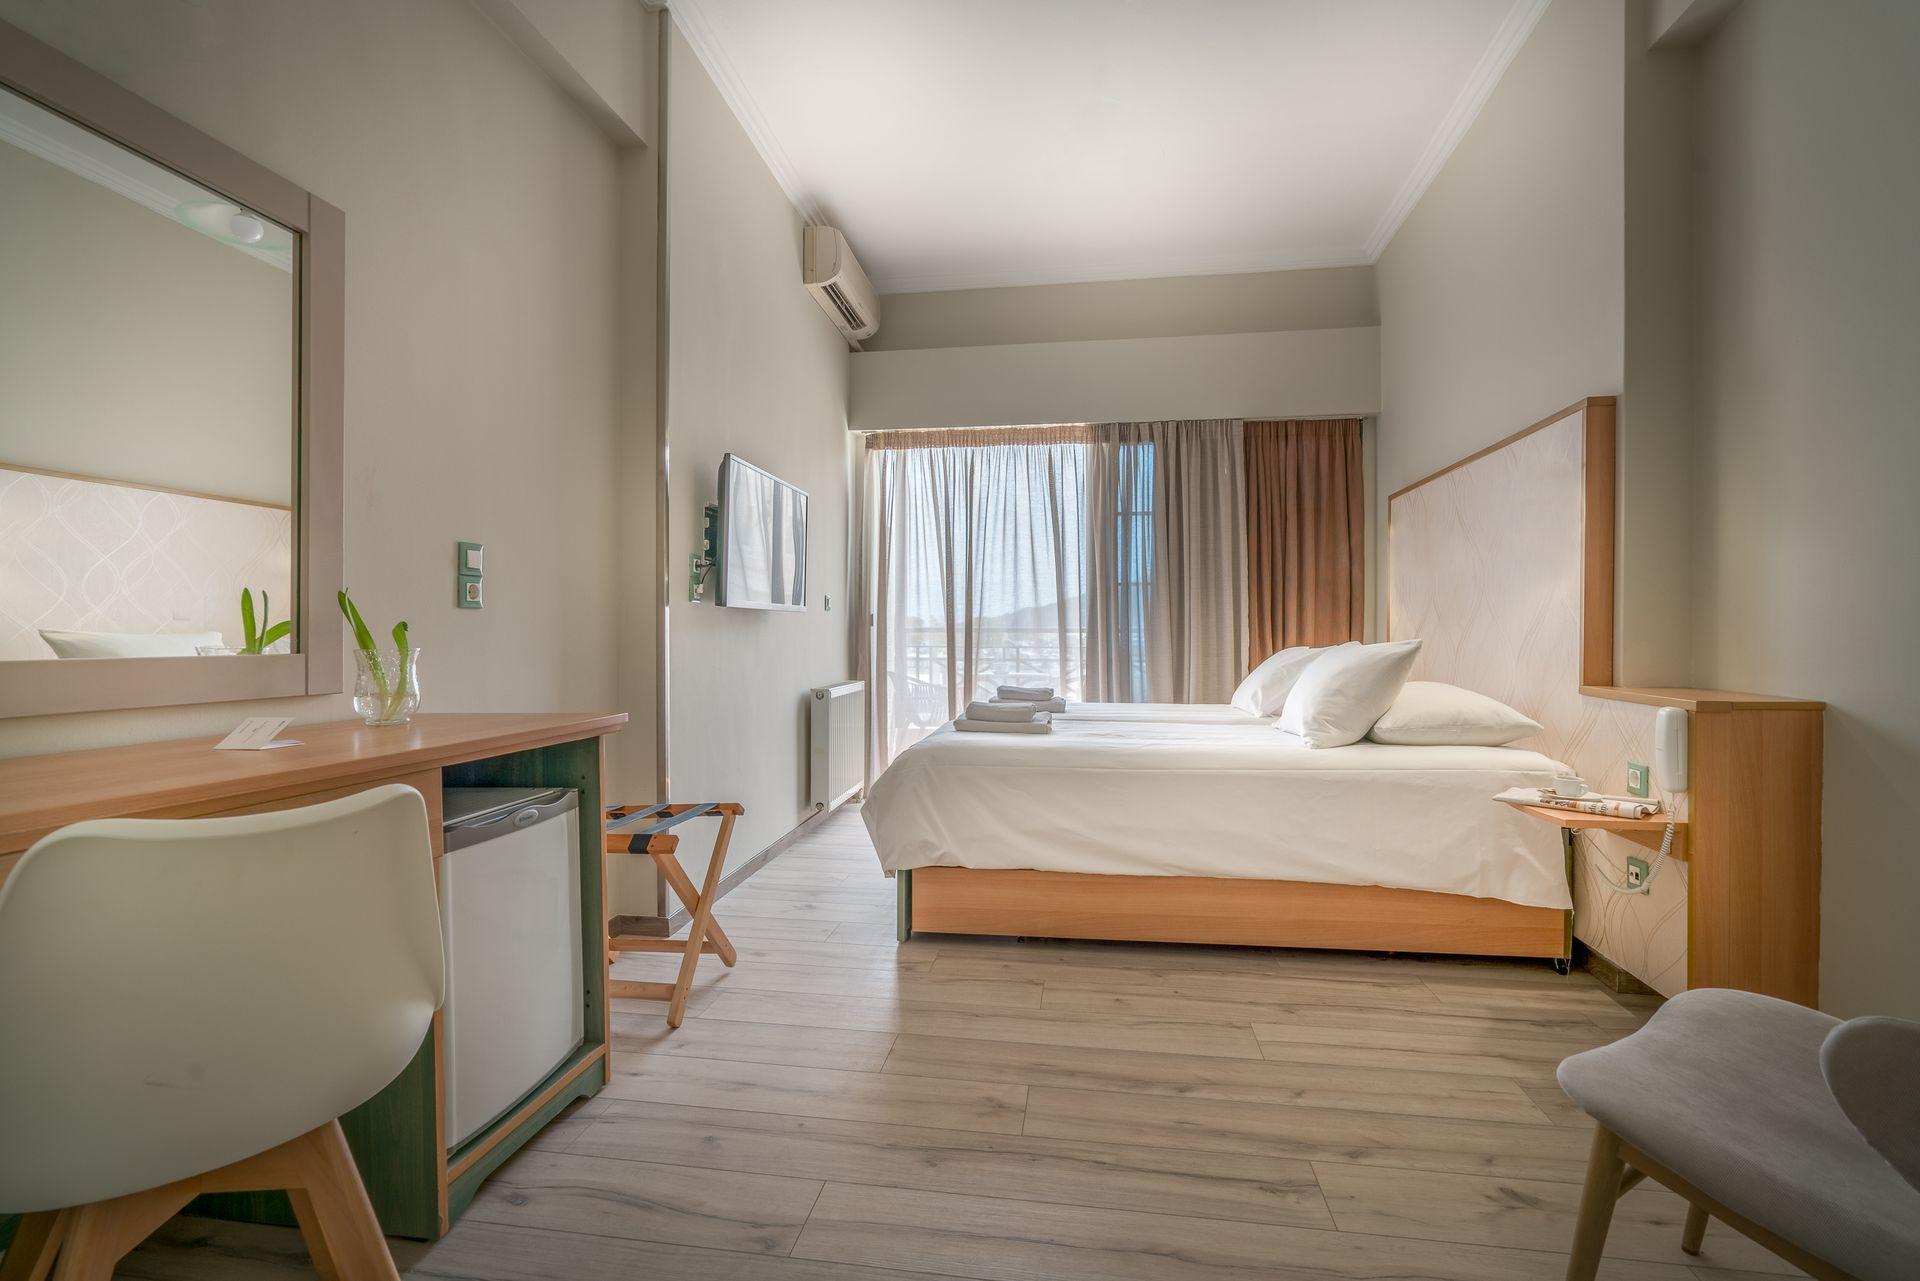 Δίκλινο δωμάτιο με θέα θάλασσα phoenix hotel